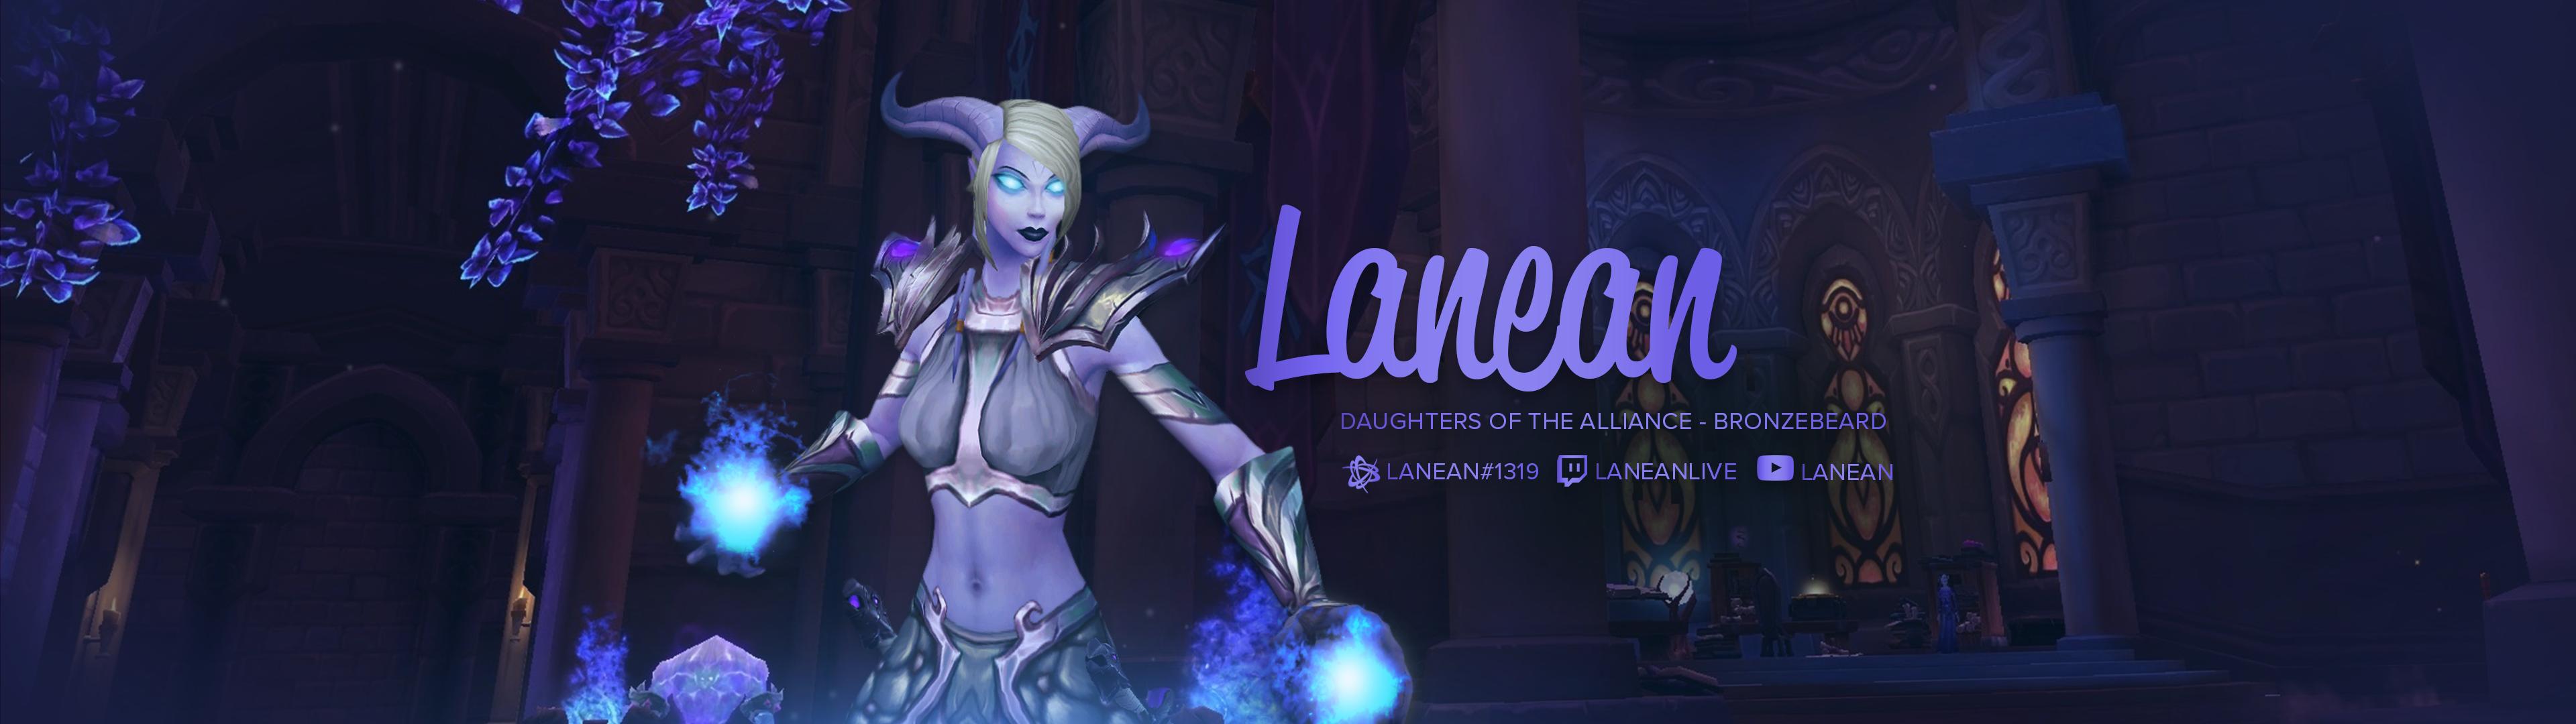 Lanean_Final